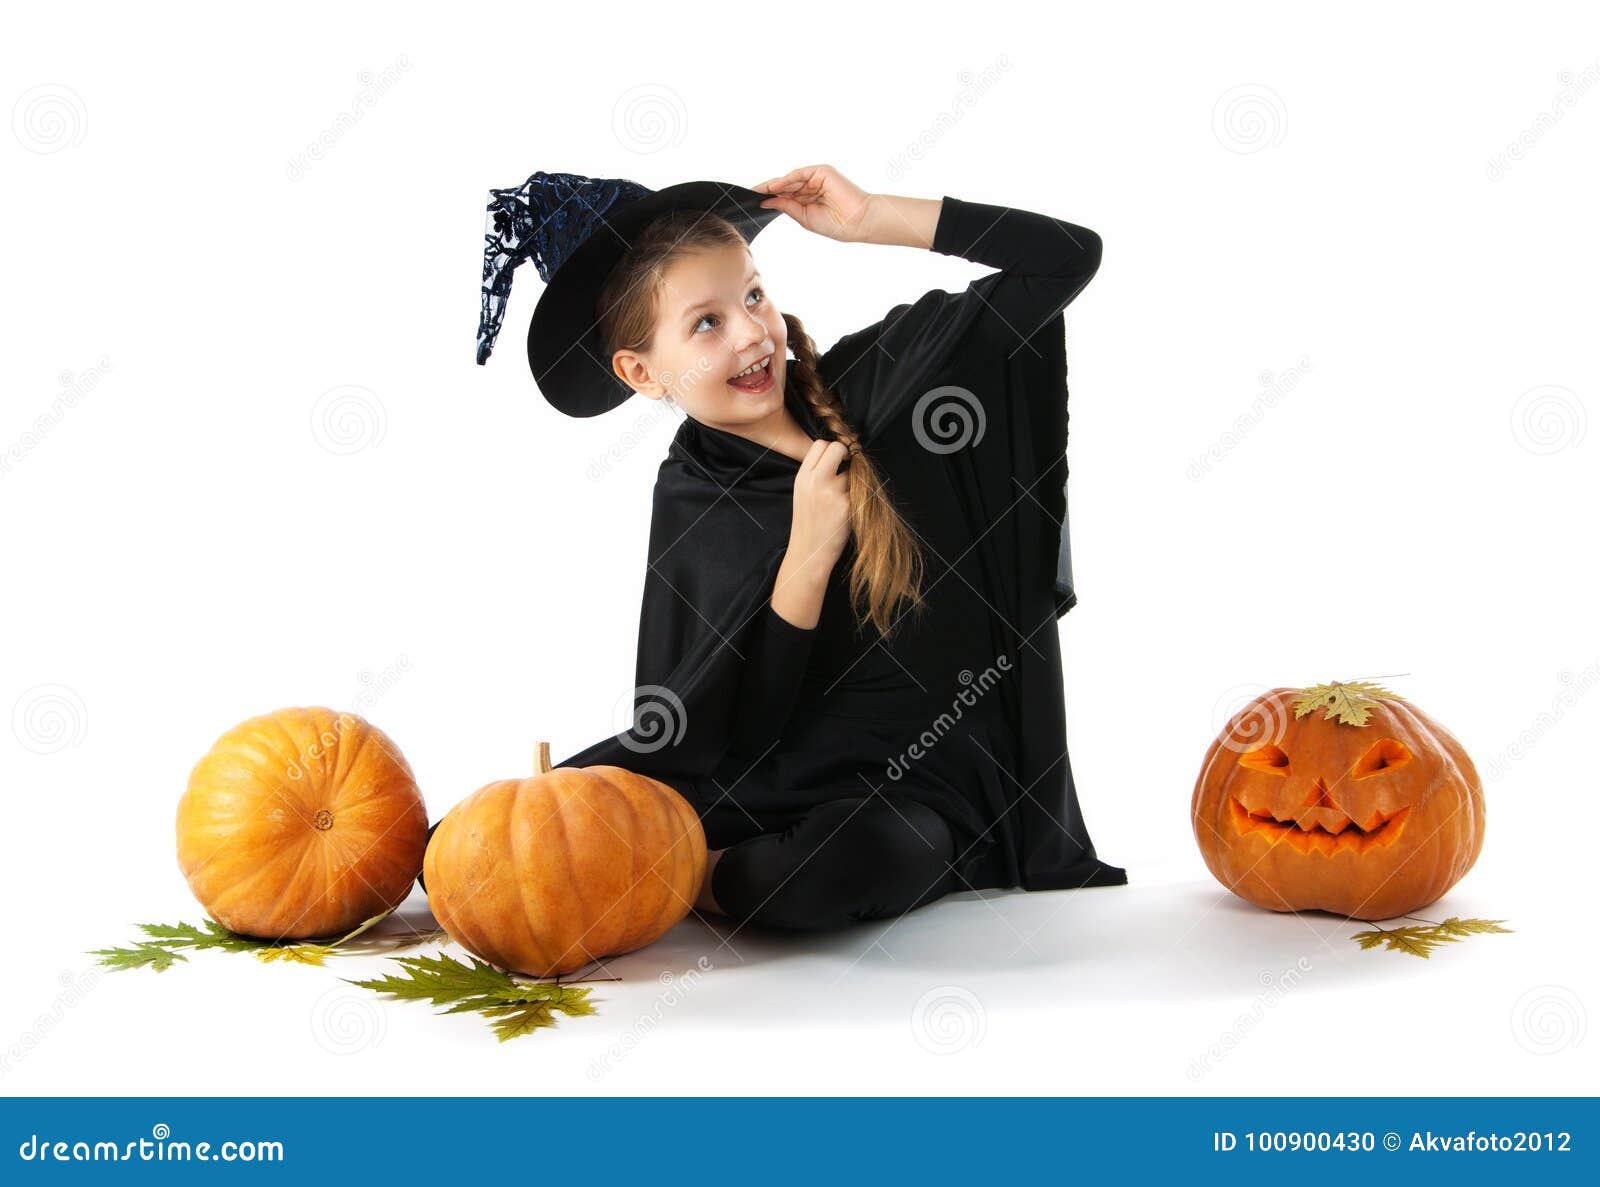 Halloween Portret van meisje in heksenkostuum